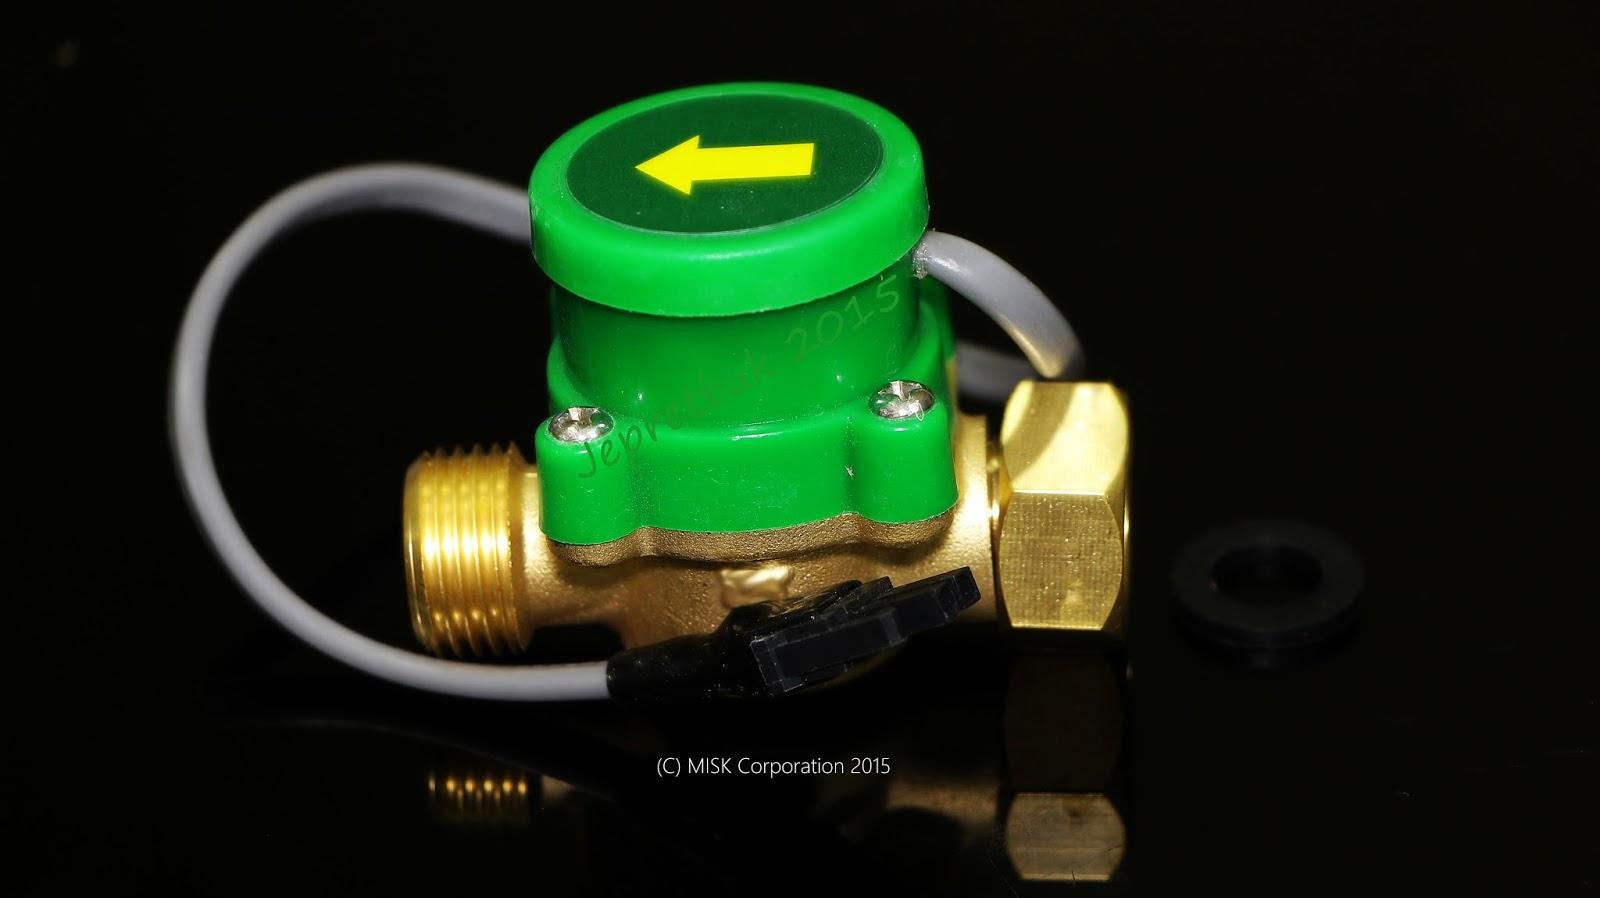 Jual Flow Switch Saklar Otomatis Untuk Pompa Air Harga Murah Pressure Model Ori Sanyo York Sparepart